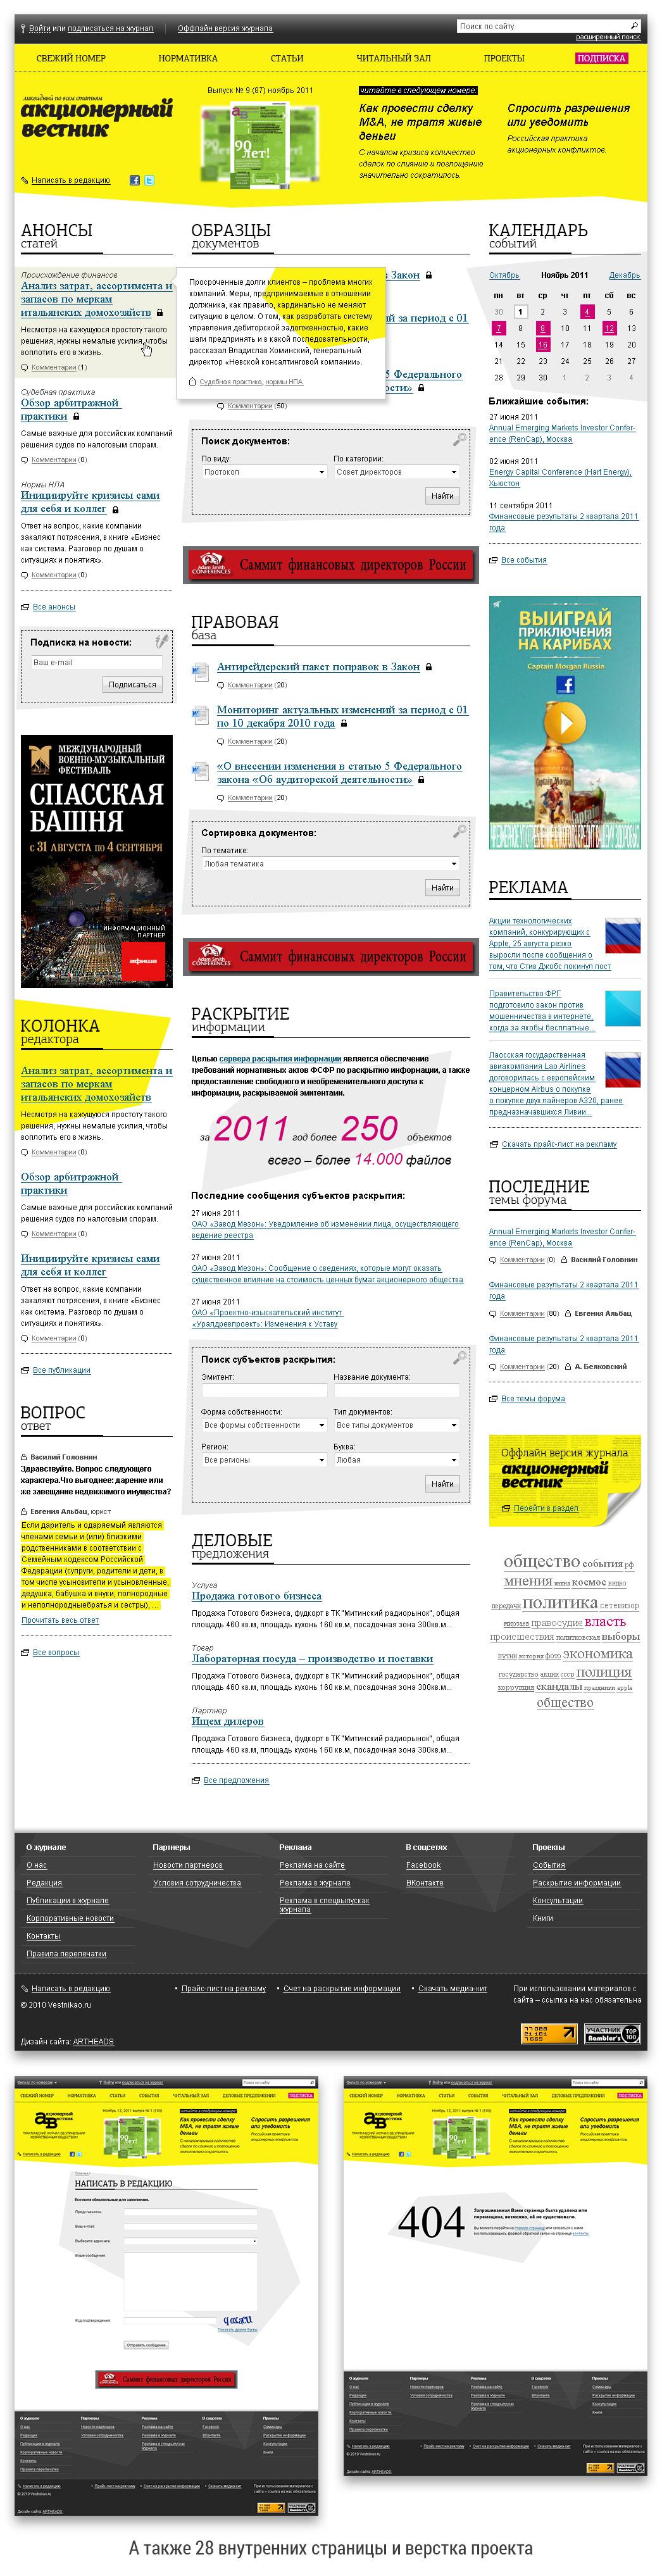 Акционерный вестник - Новостное издание для акционеров, также xhtml верстка